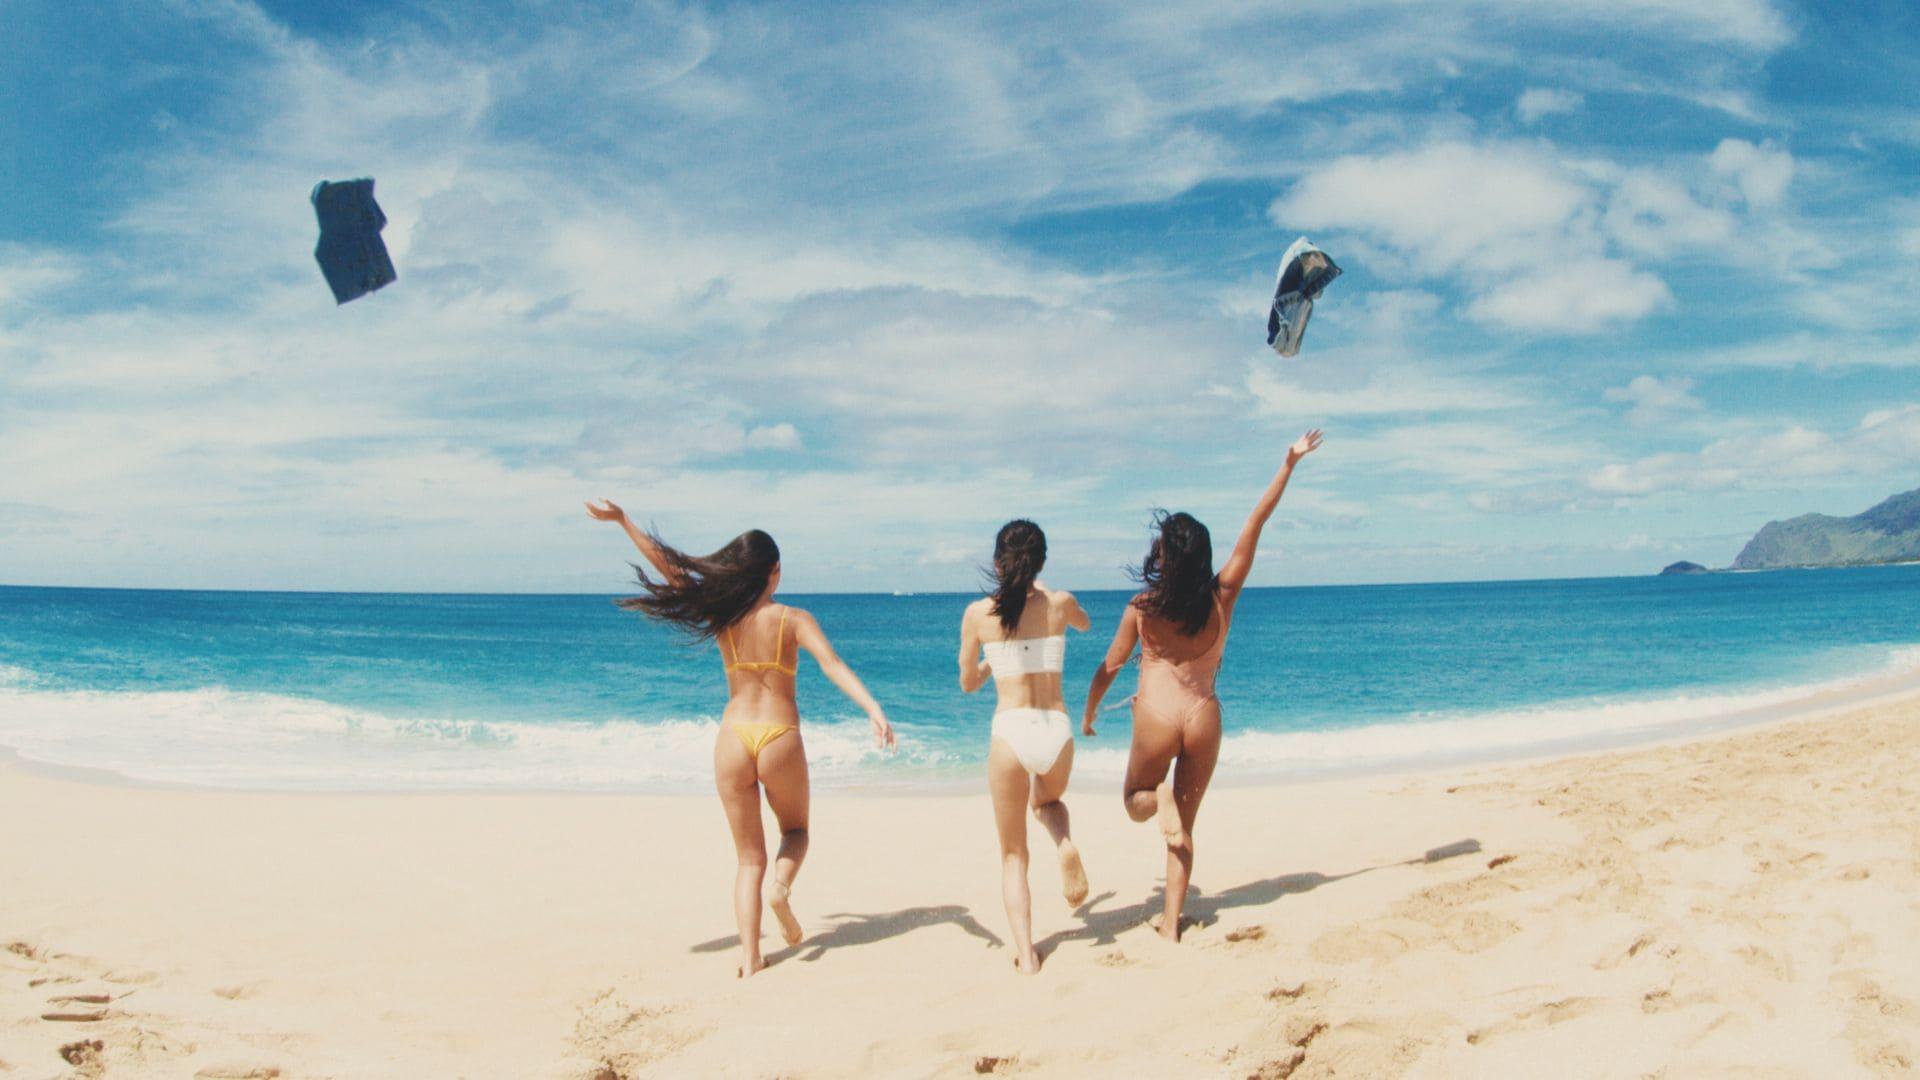 AAA宇野実彩子、白い水着姿でハワイのビーチで大はしゃぎ【画像あり】の画像005